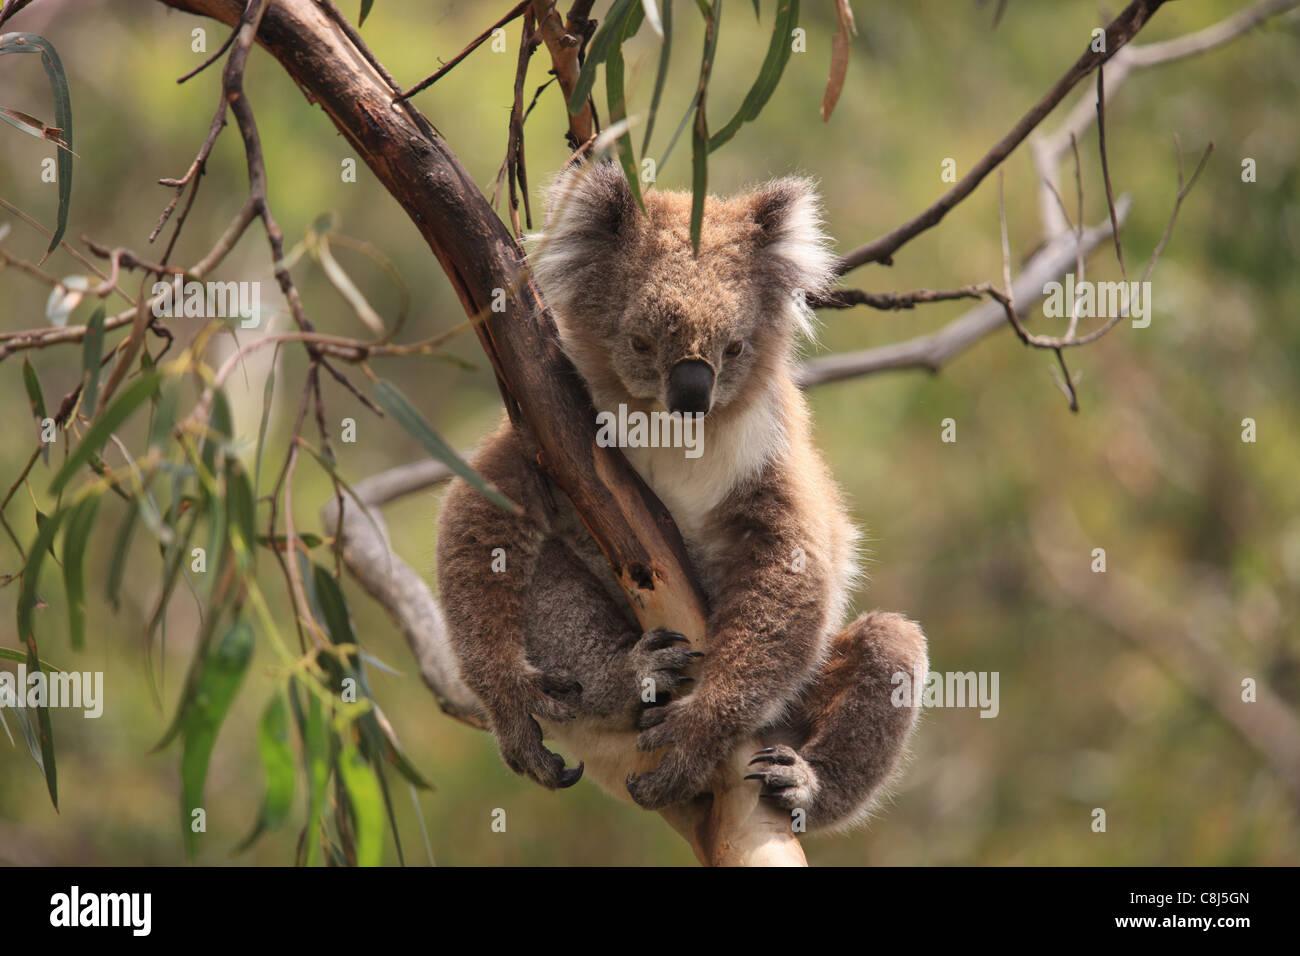 Koala, Phascolarctos cinereus, Australia, marsupial, arboreal, herbivorous, animal, mammal, Eucalyptus, Toxine, - Stock Image